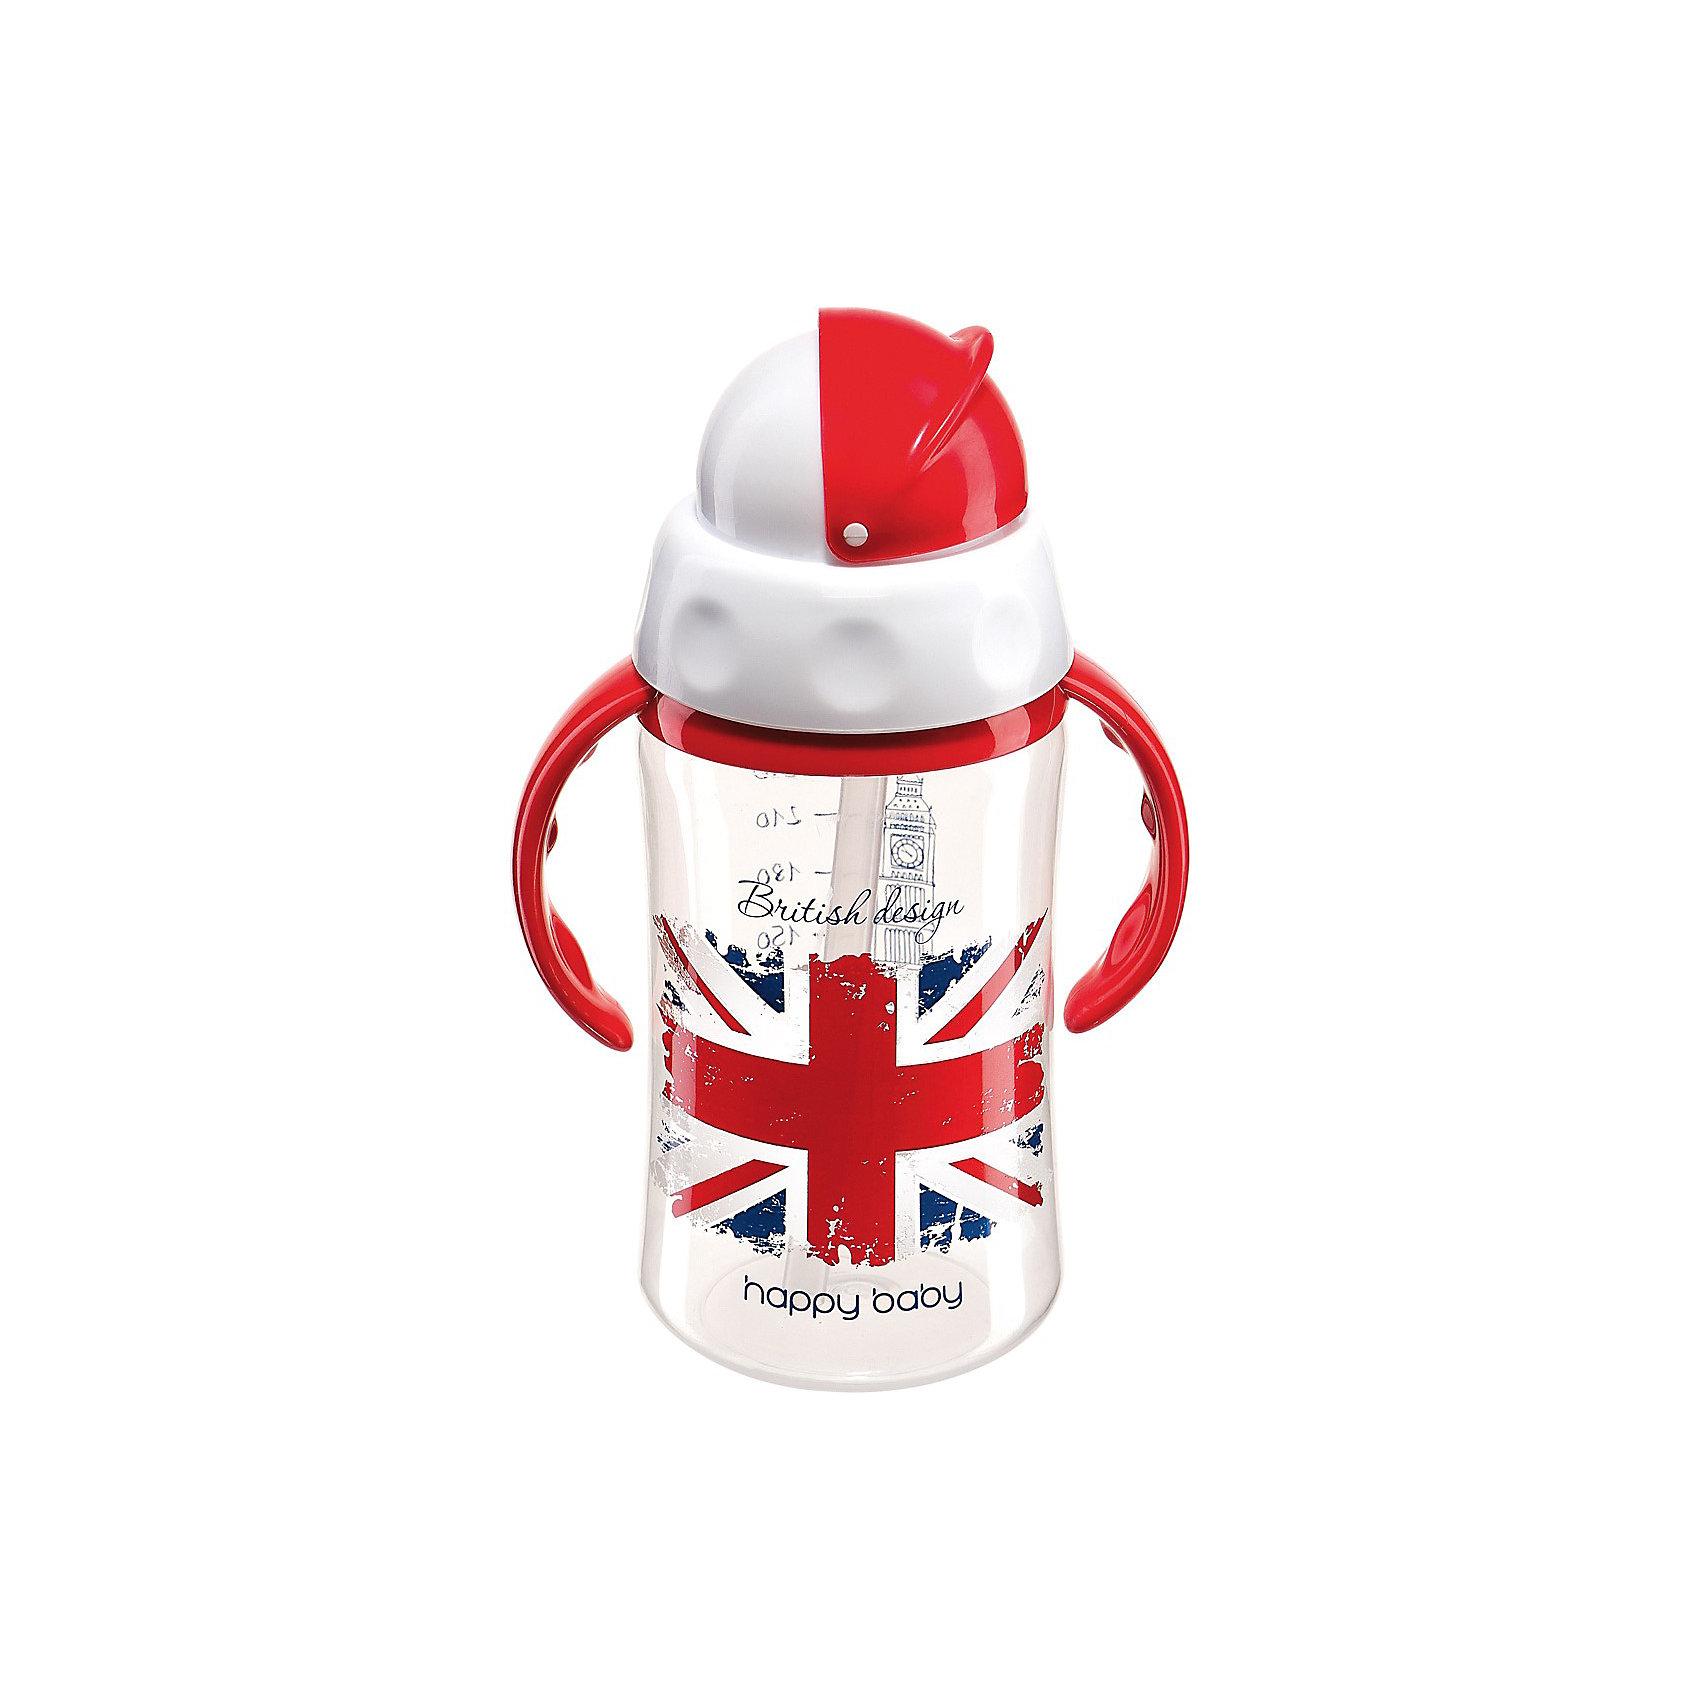 Поильник с трубочкой и вращающейся крышкой FEEDING CUP, 240мл., Happy Baby, BritishПоильник с трубочкой и вращающейся крышкой FEEDING CUP, 240мл., Happy Baby (Хэппи Бэби), British - обязательно понравится вашему  малышу.<br>Поильник с трубочкой и поворотной крышкой FEEDING CUP предназначен для детей с 18-ти месяцев. В нем предусмотрены удобные ручки, а также крышка, которая легко блокирует отверстие с трубочкой, чтобы содержимое не проливалось. Силиконовая трубочка удобна для питья и безопасна для нежных десен ребенка. Шкала делений в 30 мл позволит вам следить за тем, сколько жидкости осталось в поильнике. Изготовлен поильник из современных безопасных материалов. Поильник прост в уходе - его удобно мыть, чистить, собирать и разбирать. <br><br>Дополнительная информация:<br><br>- Объем: 240 мл.<br>- Материал: полипропилен, силикон.<br>- Удобная крышка<br>– Эргономичные ручки<br>– Шкала с делениями в 30 мл.<br>- Уход: мыть теплой водой с мылом, тщательно ополаскивать, сушить при комнатной температуре<br>- Вымыть перед первым использованием<br>- Внимание: Проверяйте поильник перед каждым использованием; незамедлительно  из употребления поврежденные изделия. Не оставляйте ребенка одного во время кормления. Не стерилизовать, не разогревать поильник в микроволновой печи. Не рекомендуется использовать для сильногазированных напитков.<br><br>Поильник с трубочкой и вращающейся крышкой FEEDING CUP, 240мл., Happy Baby (Хэппи Бэби), British можно купить в нашем интернет-магазине.<br><br>Ширина мм: 430<br>Глубина мм: 180<br>Высота мм: 195<br>Вес г: 100<br>Возраст от месяцев: 18<br>Возраст до месяцев: 36<br>Пол: Мужской<br>Возраст: Детский<br>SKU: 3564184